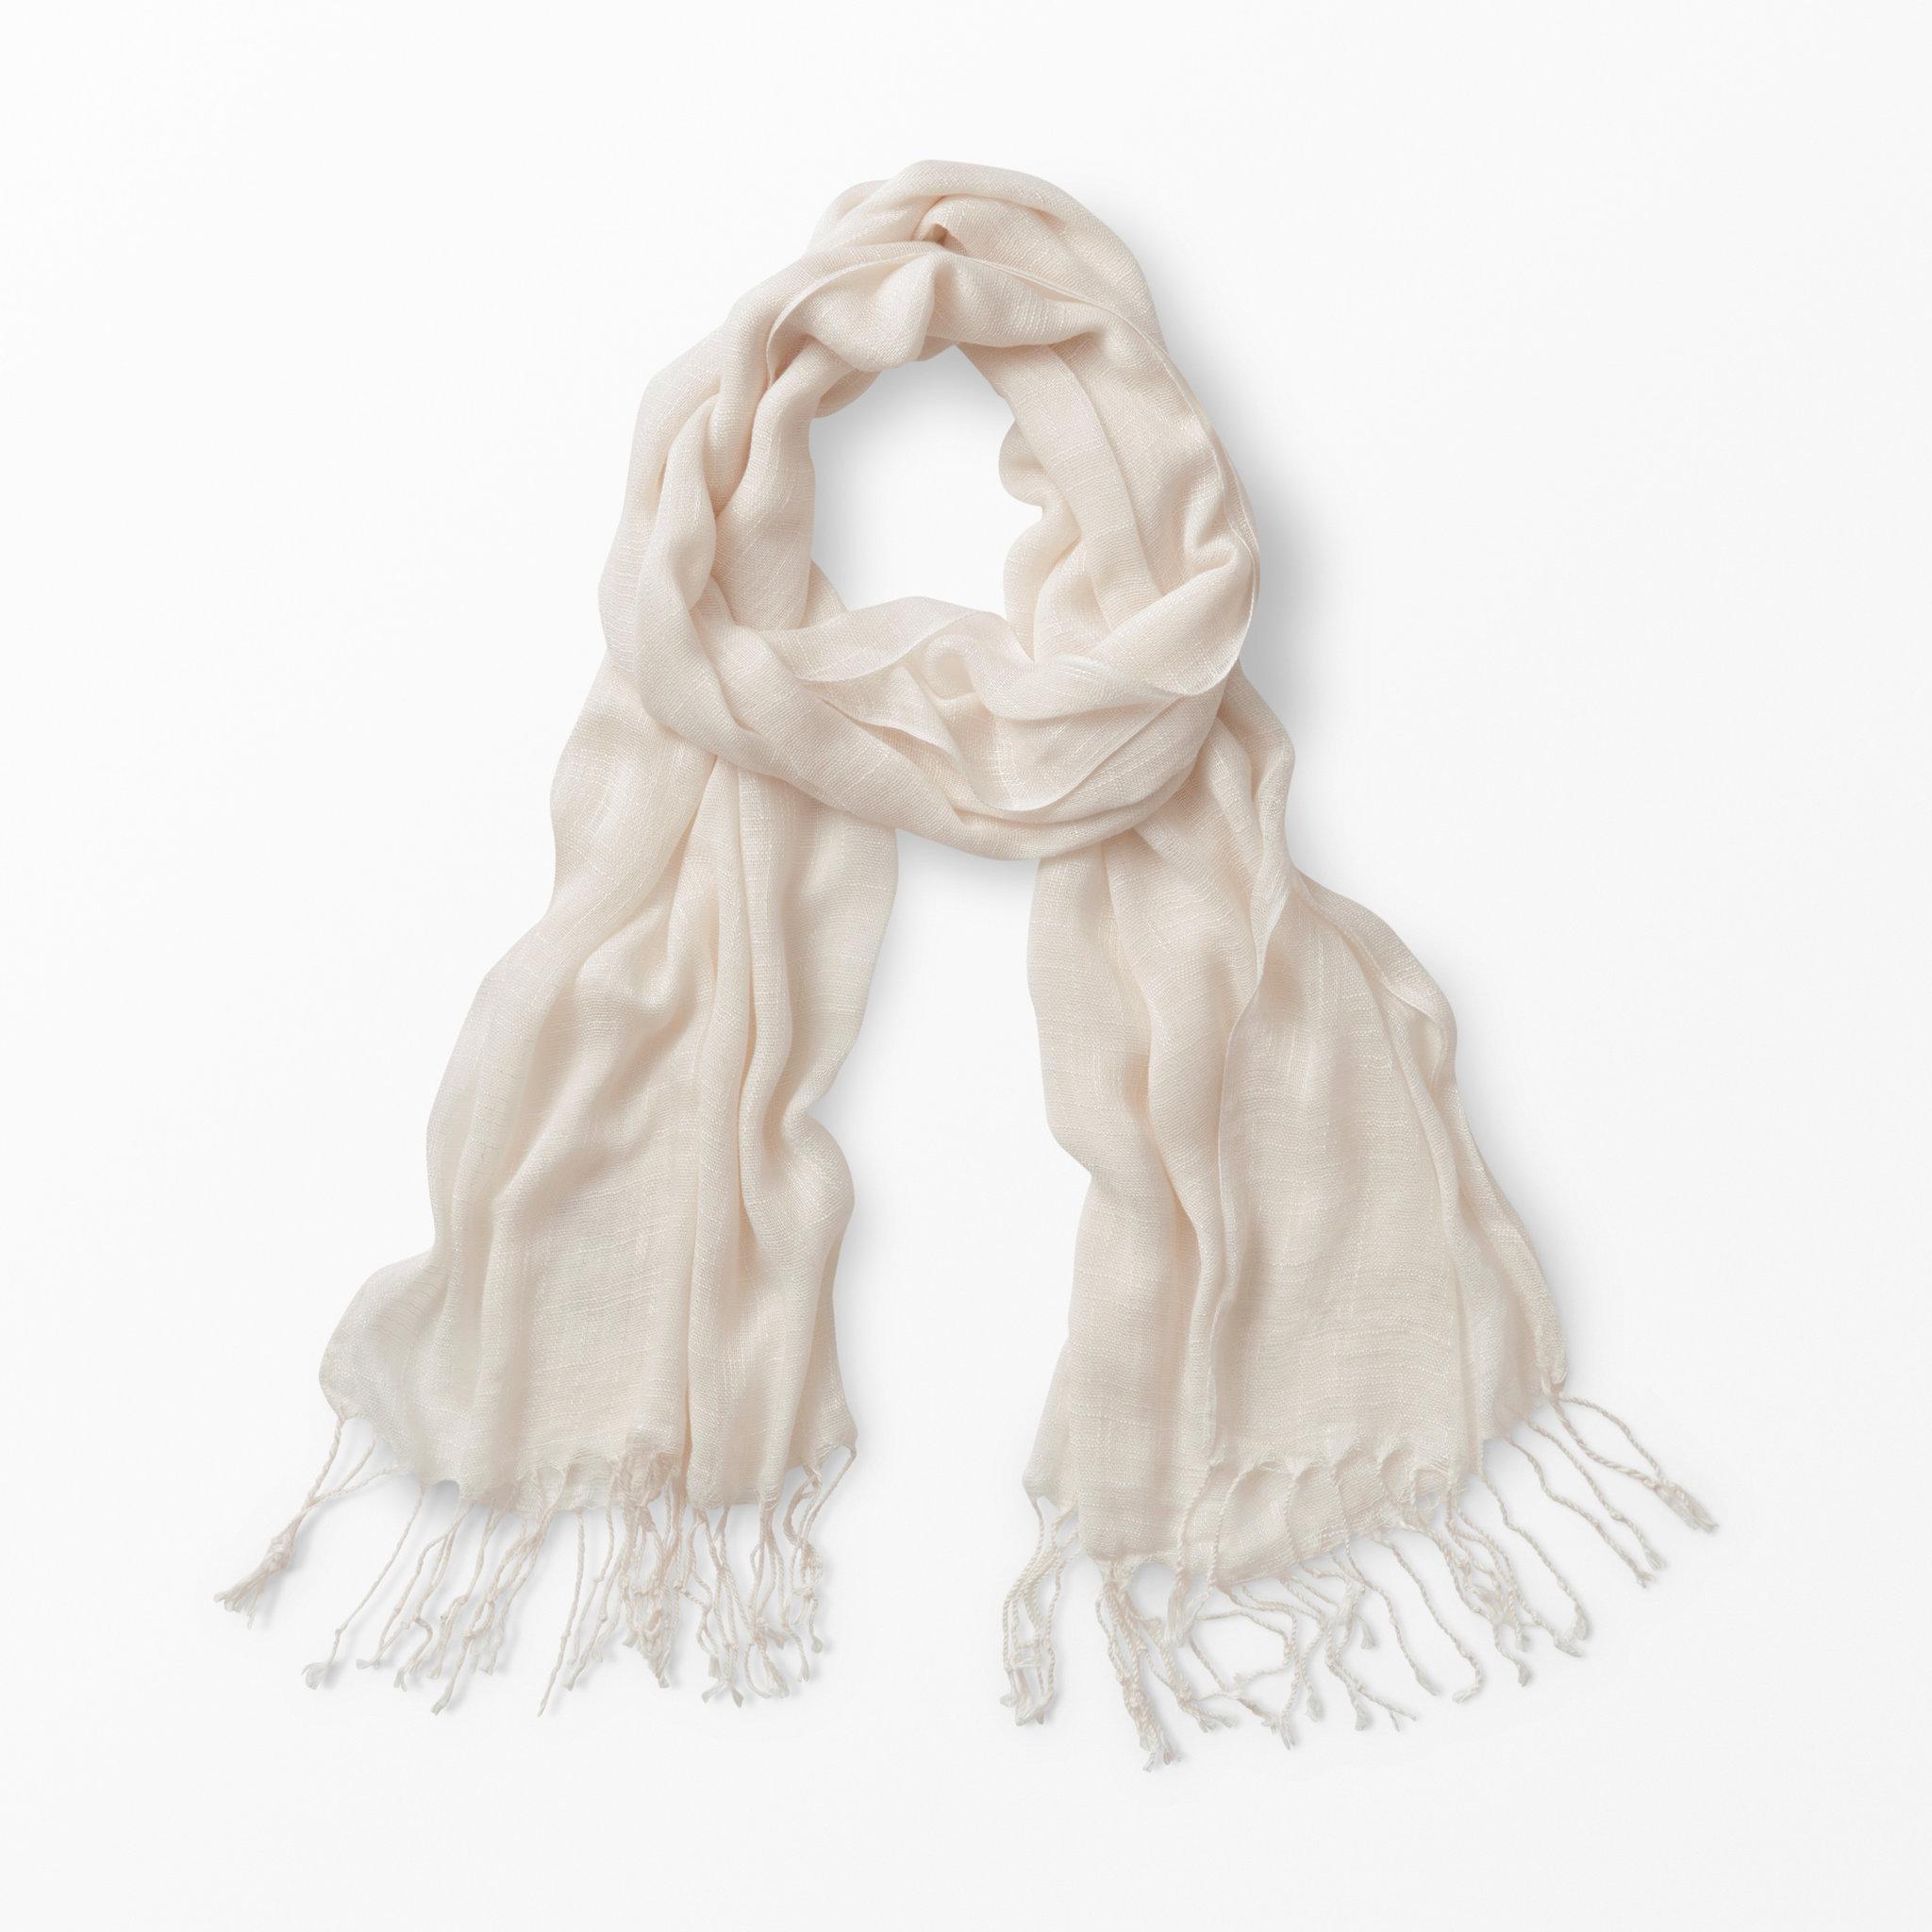 Scarf i viskos - Halsdukar   scarves - Köp online på åhlens.se! d1861db282aae